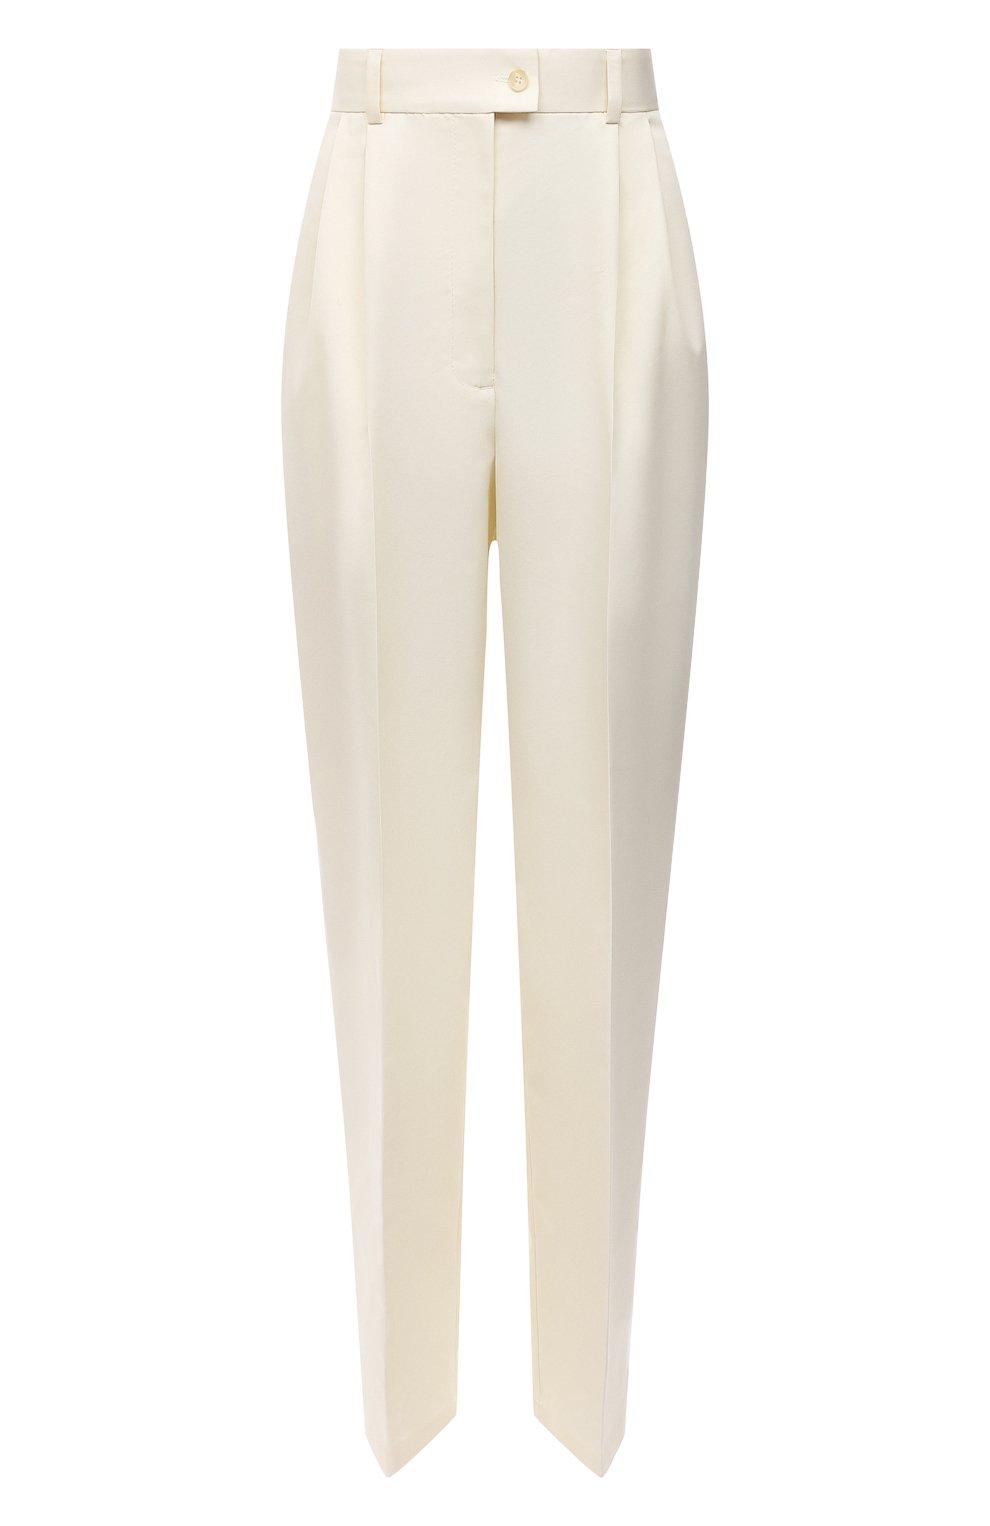 Женские хлопковые брюки PERVERT кремвого цвета, арт. PE21/PA02K/40-08 | Фото 1 (Длина (брюки, джинсы): Стандартные; Женское Кросс-КТ: Брюки-одежда; Материал внешний: Синтетический материал, Хлопок; Силуэт Ж (брюки и джинсы): Прямые; Стили: Кэжуэл)